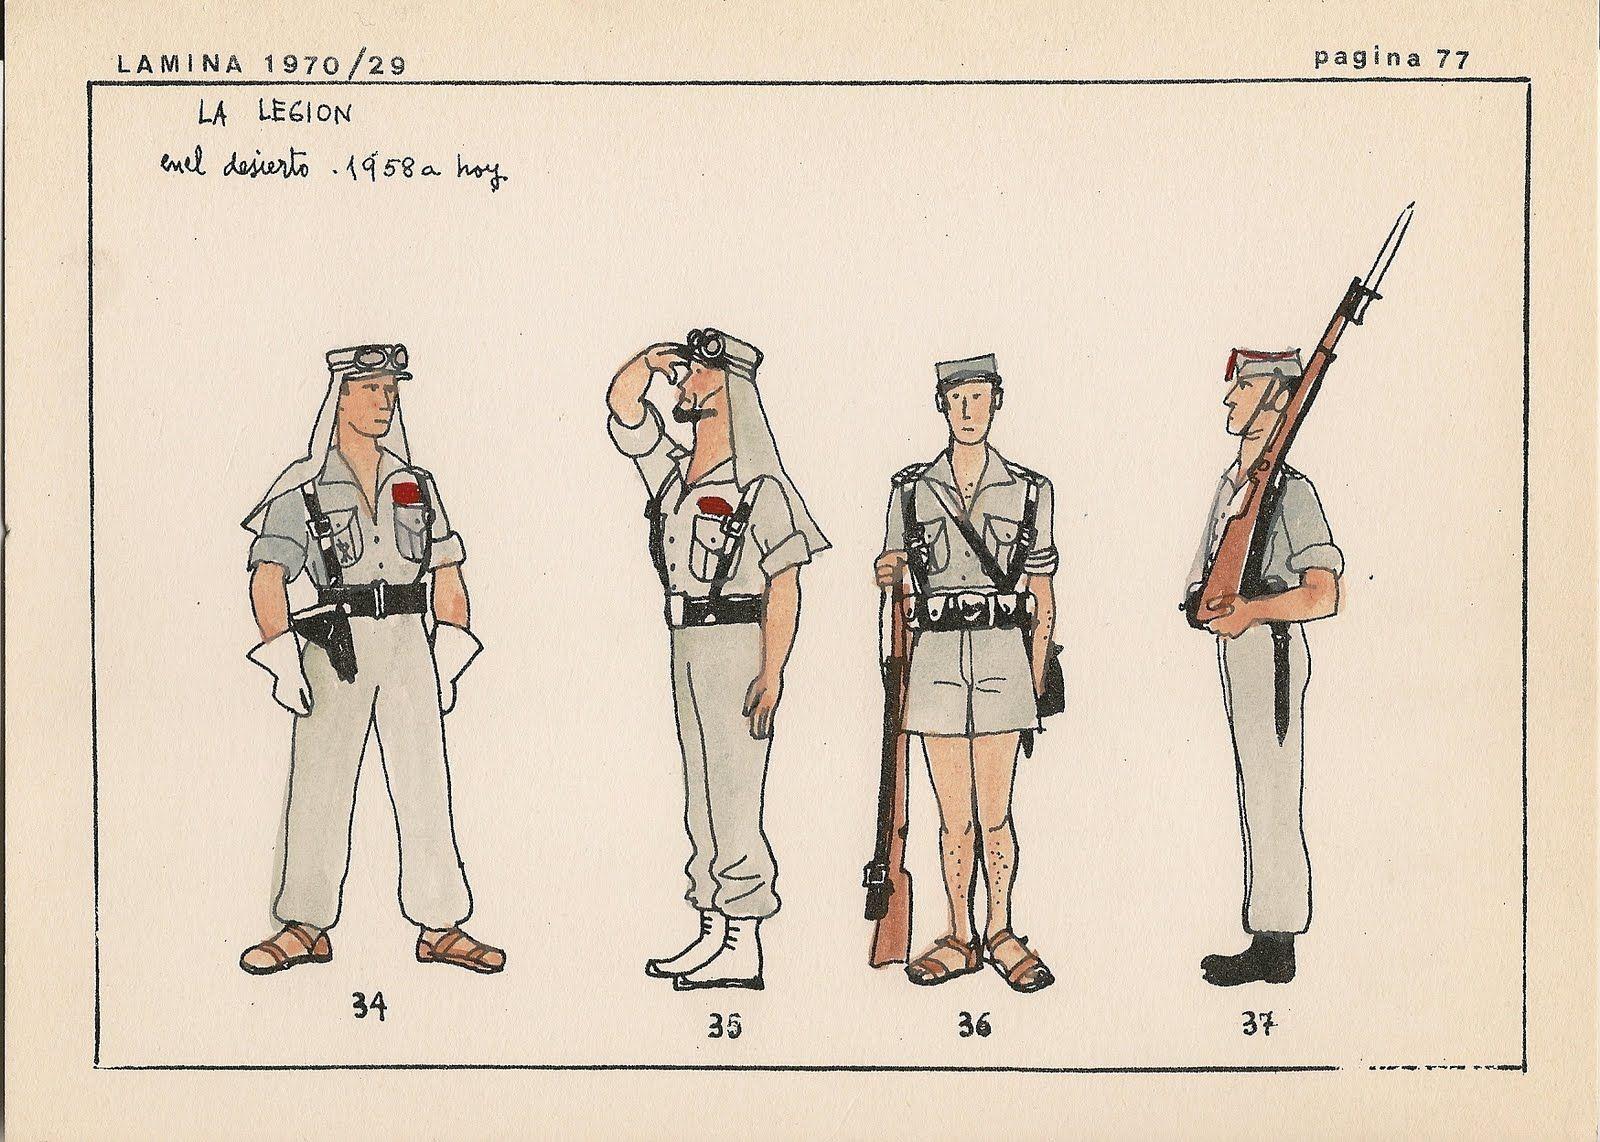 Pin En La Legión Española